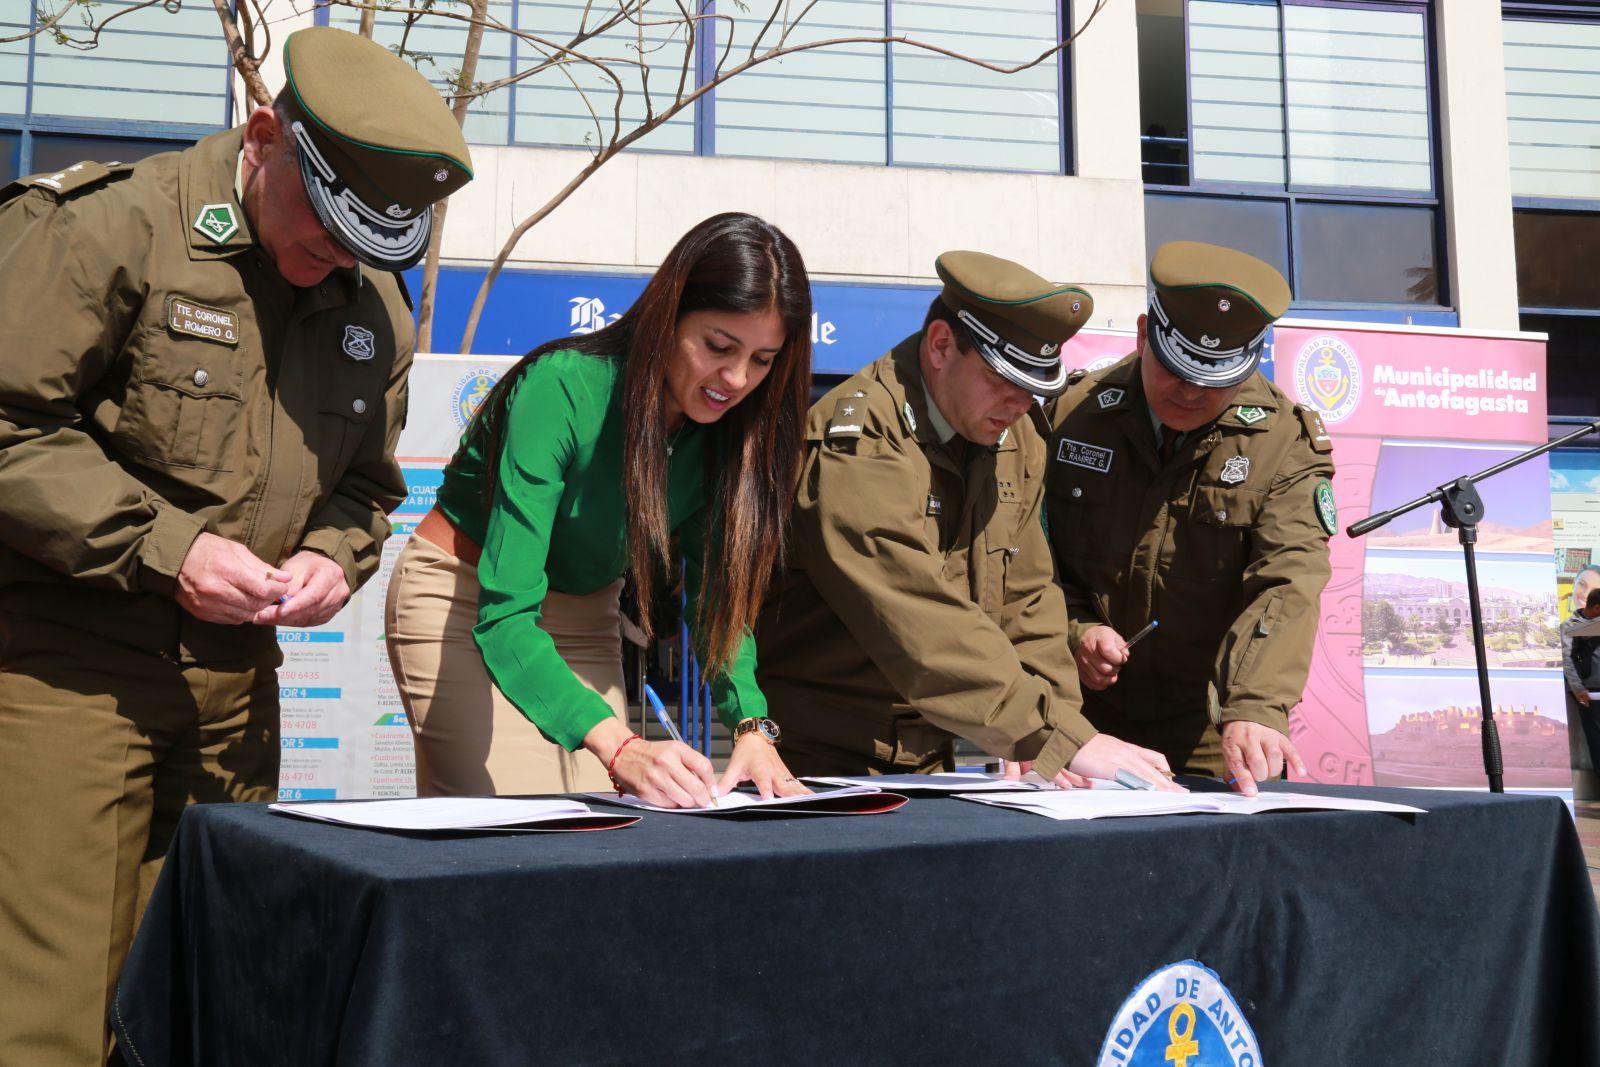 municipio-firma-convenio-con-carabineros-para-plan-municipal-de-seguridad-ciudadana